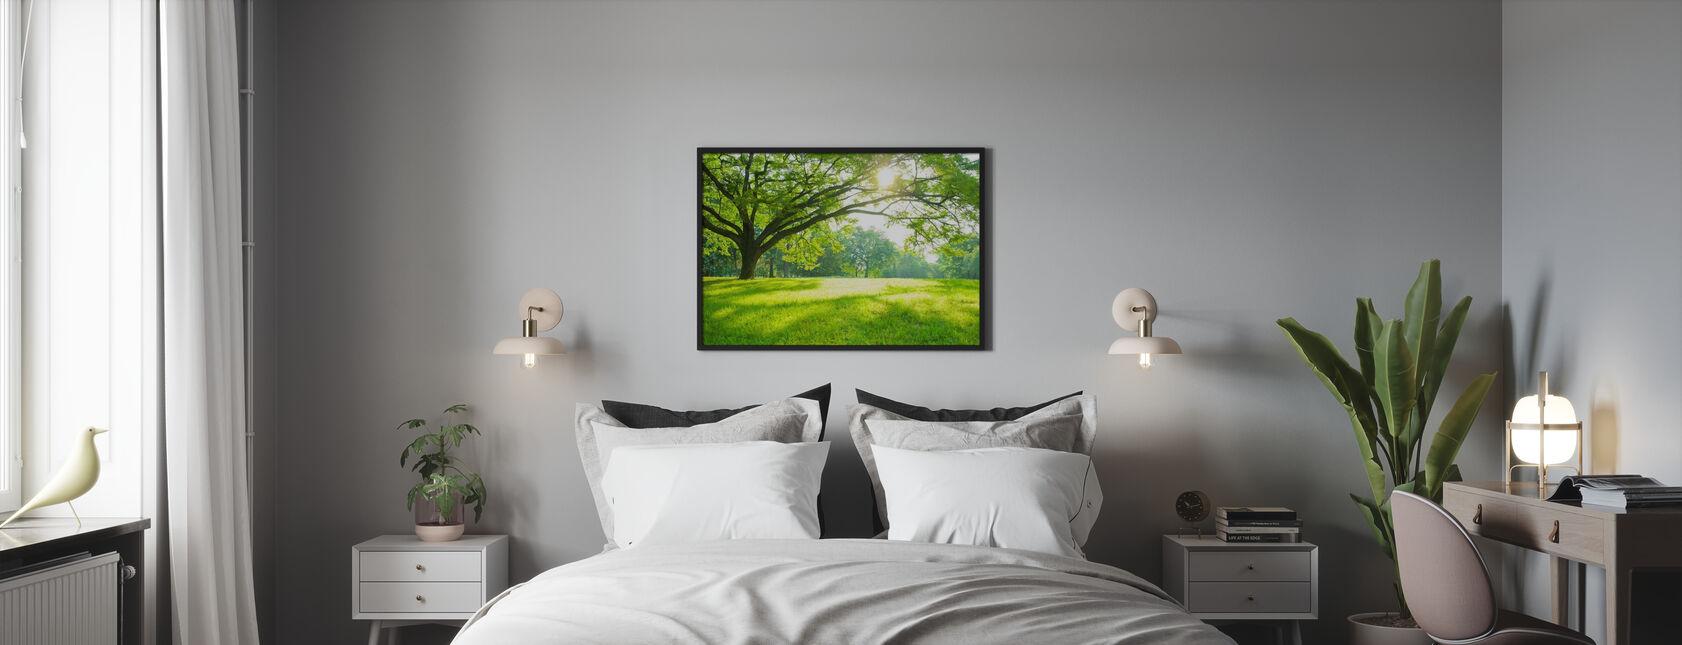 Parque de verano - Póster - Dormitorio